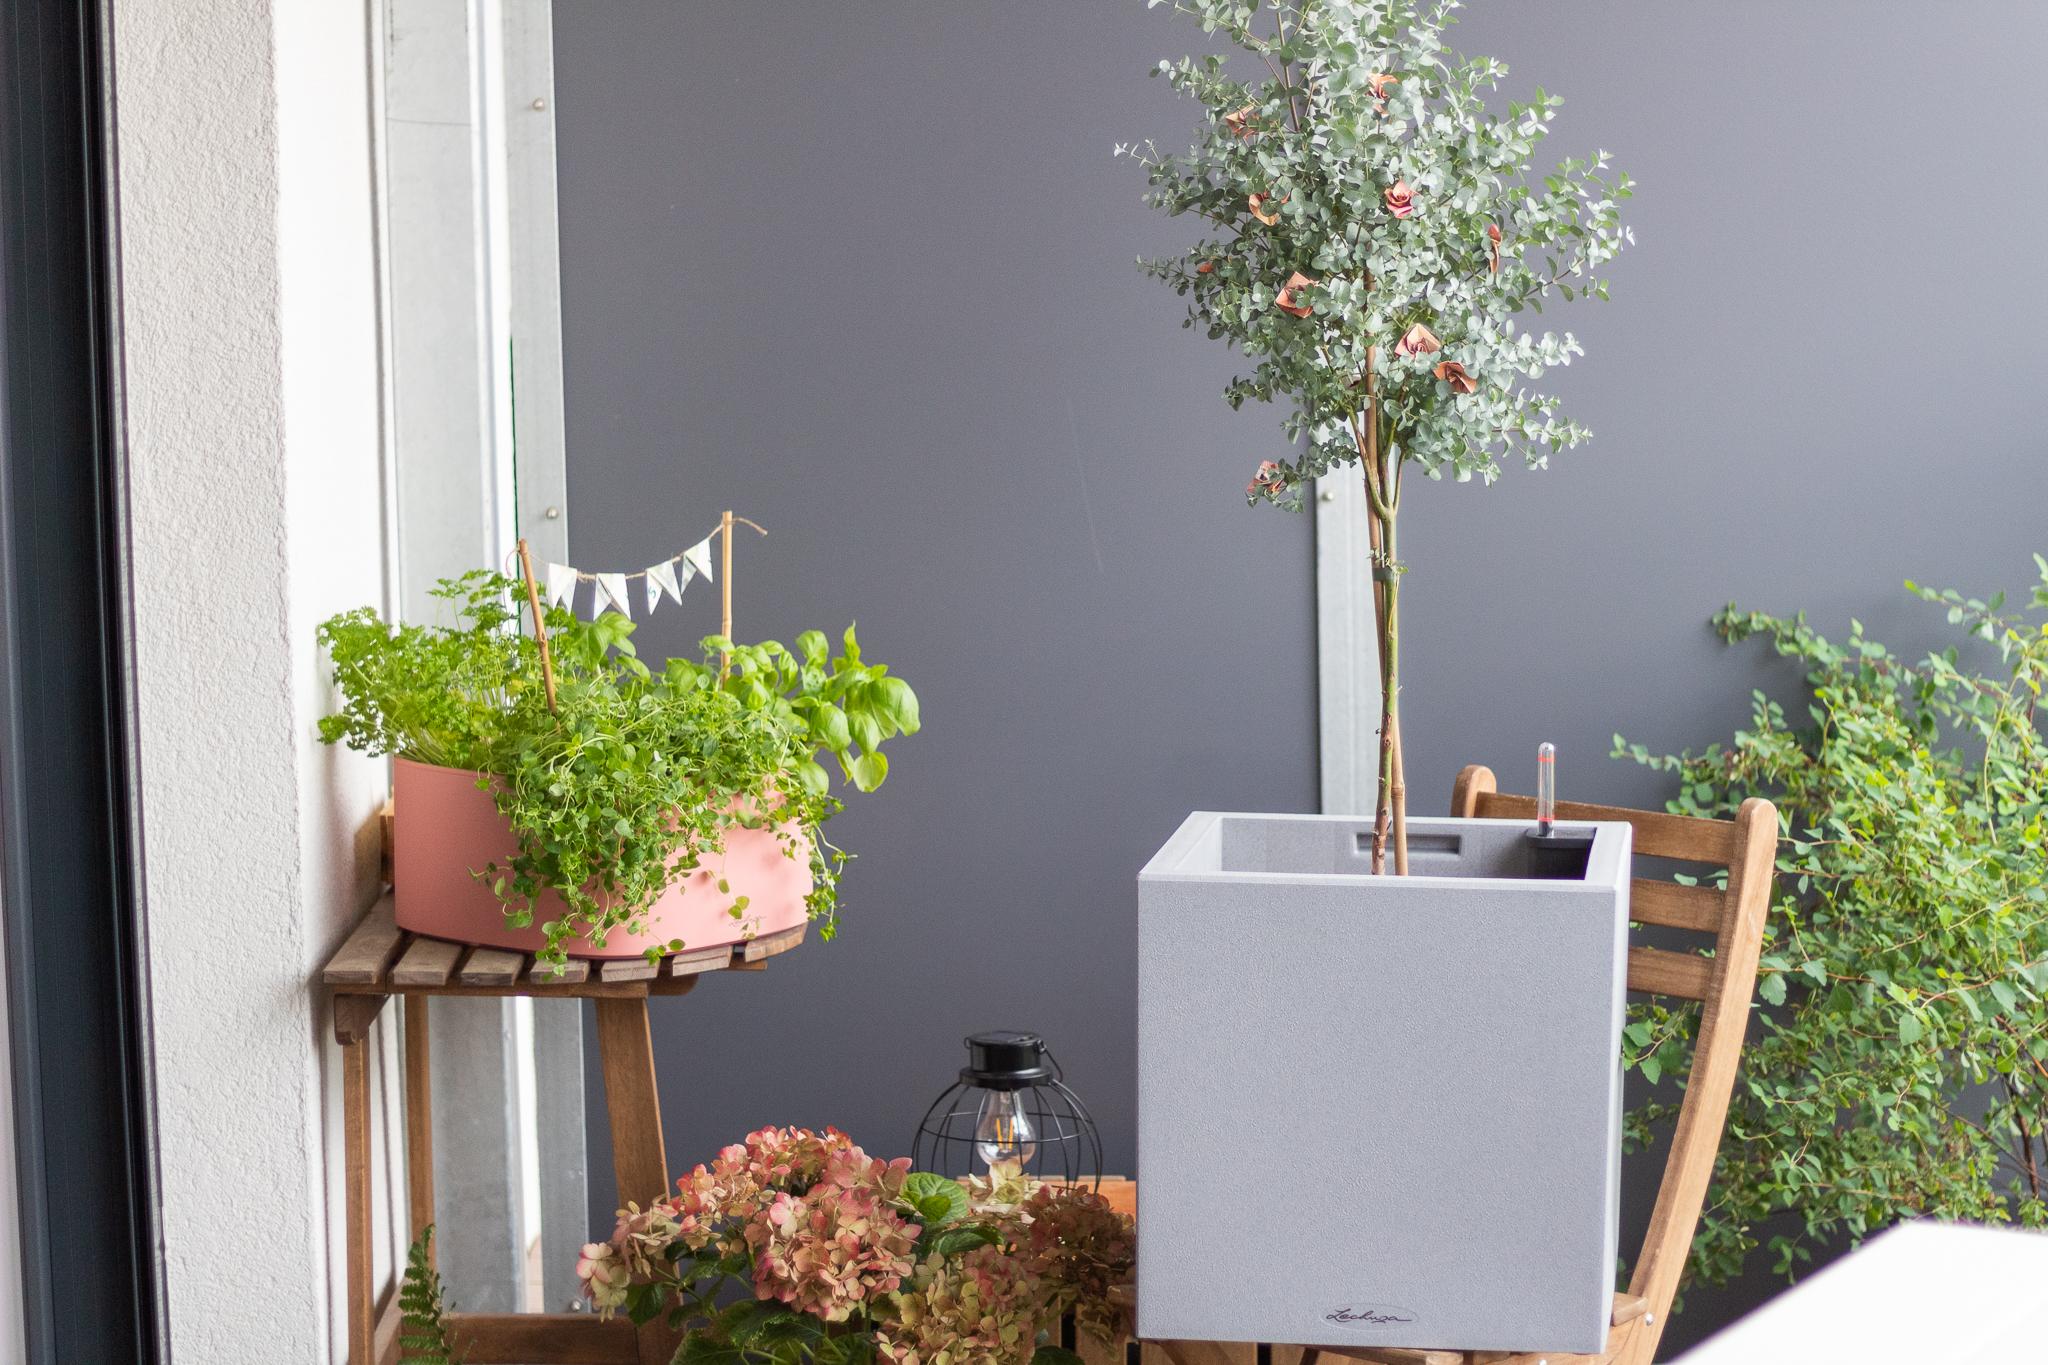 Geldgeschenk zur Hochzeit – Faltanleitung für Geldblumen im Eukalyptus